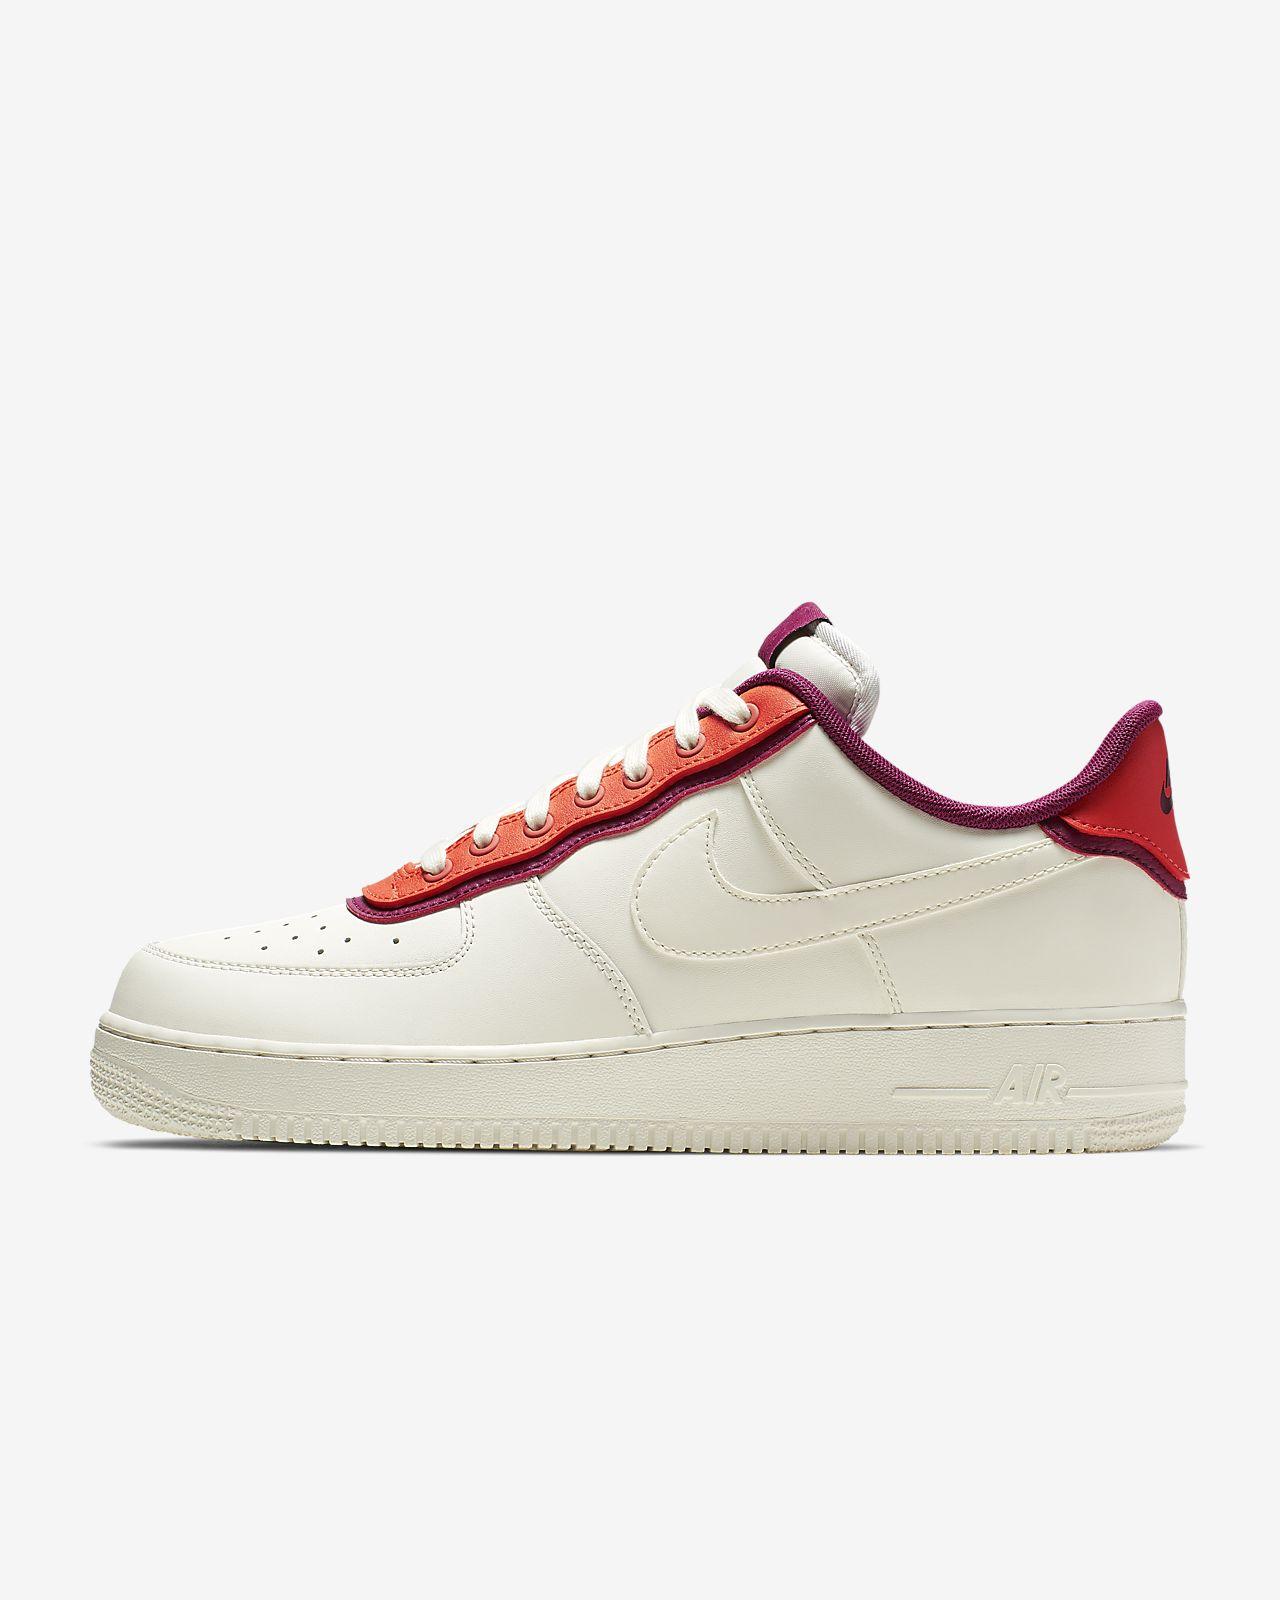 Sko Nike Air Force 1 '07 LV8 1 för män